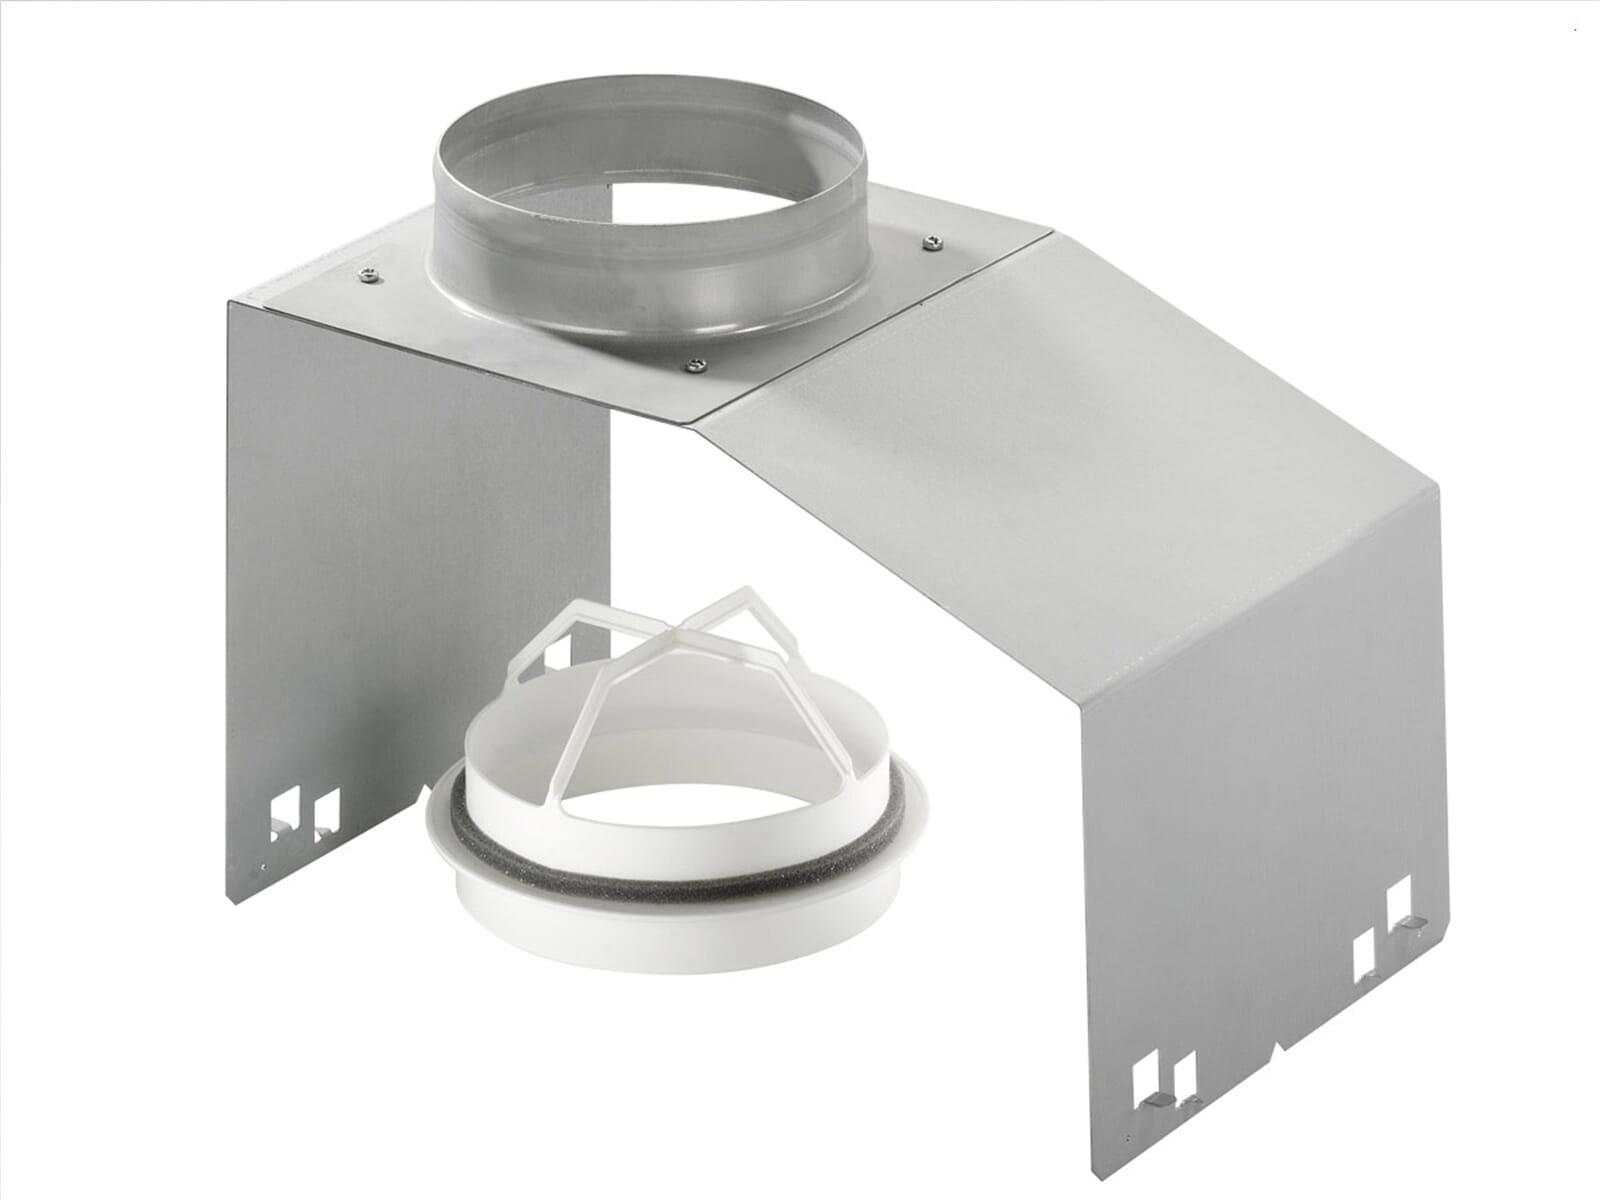 Siemens LZ74020 Montagehilfe für Lüfterbausteine